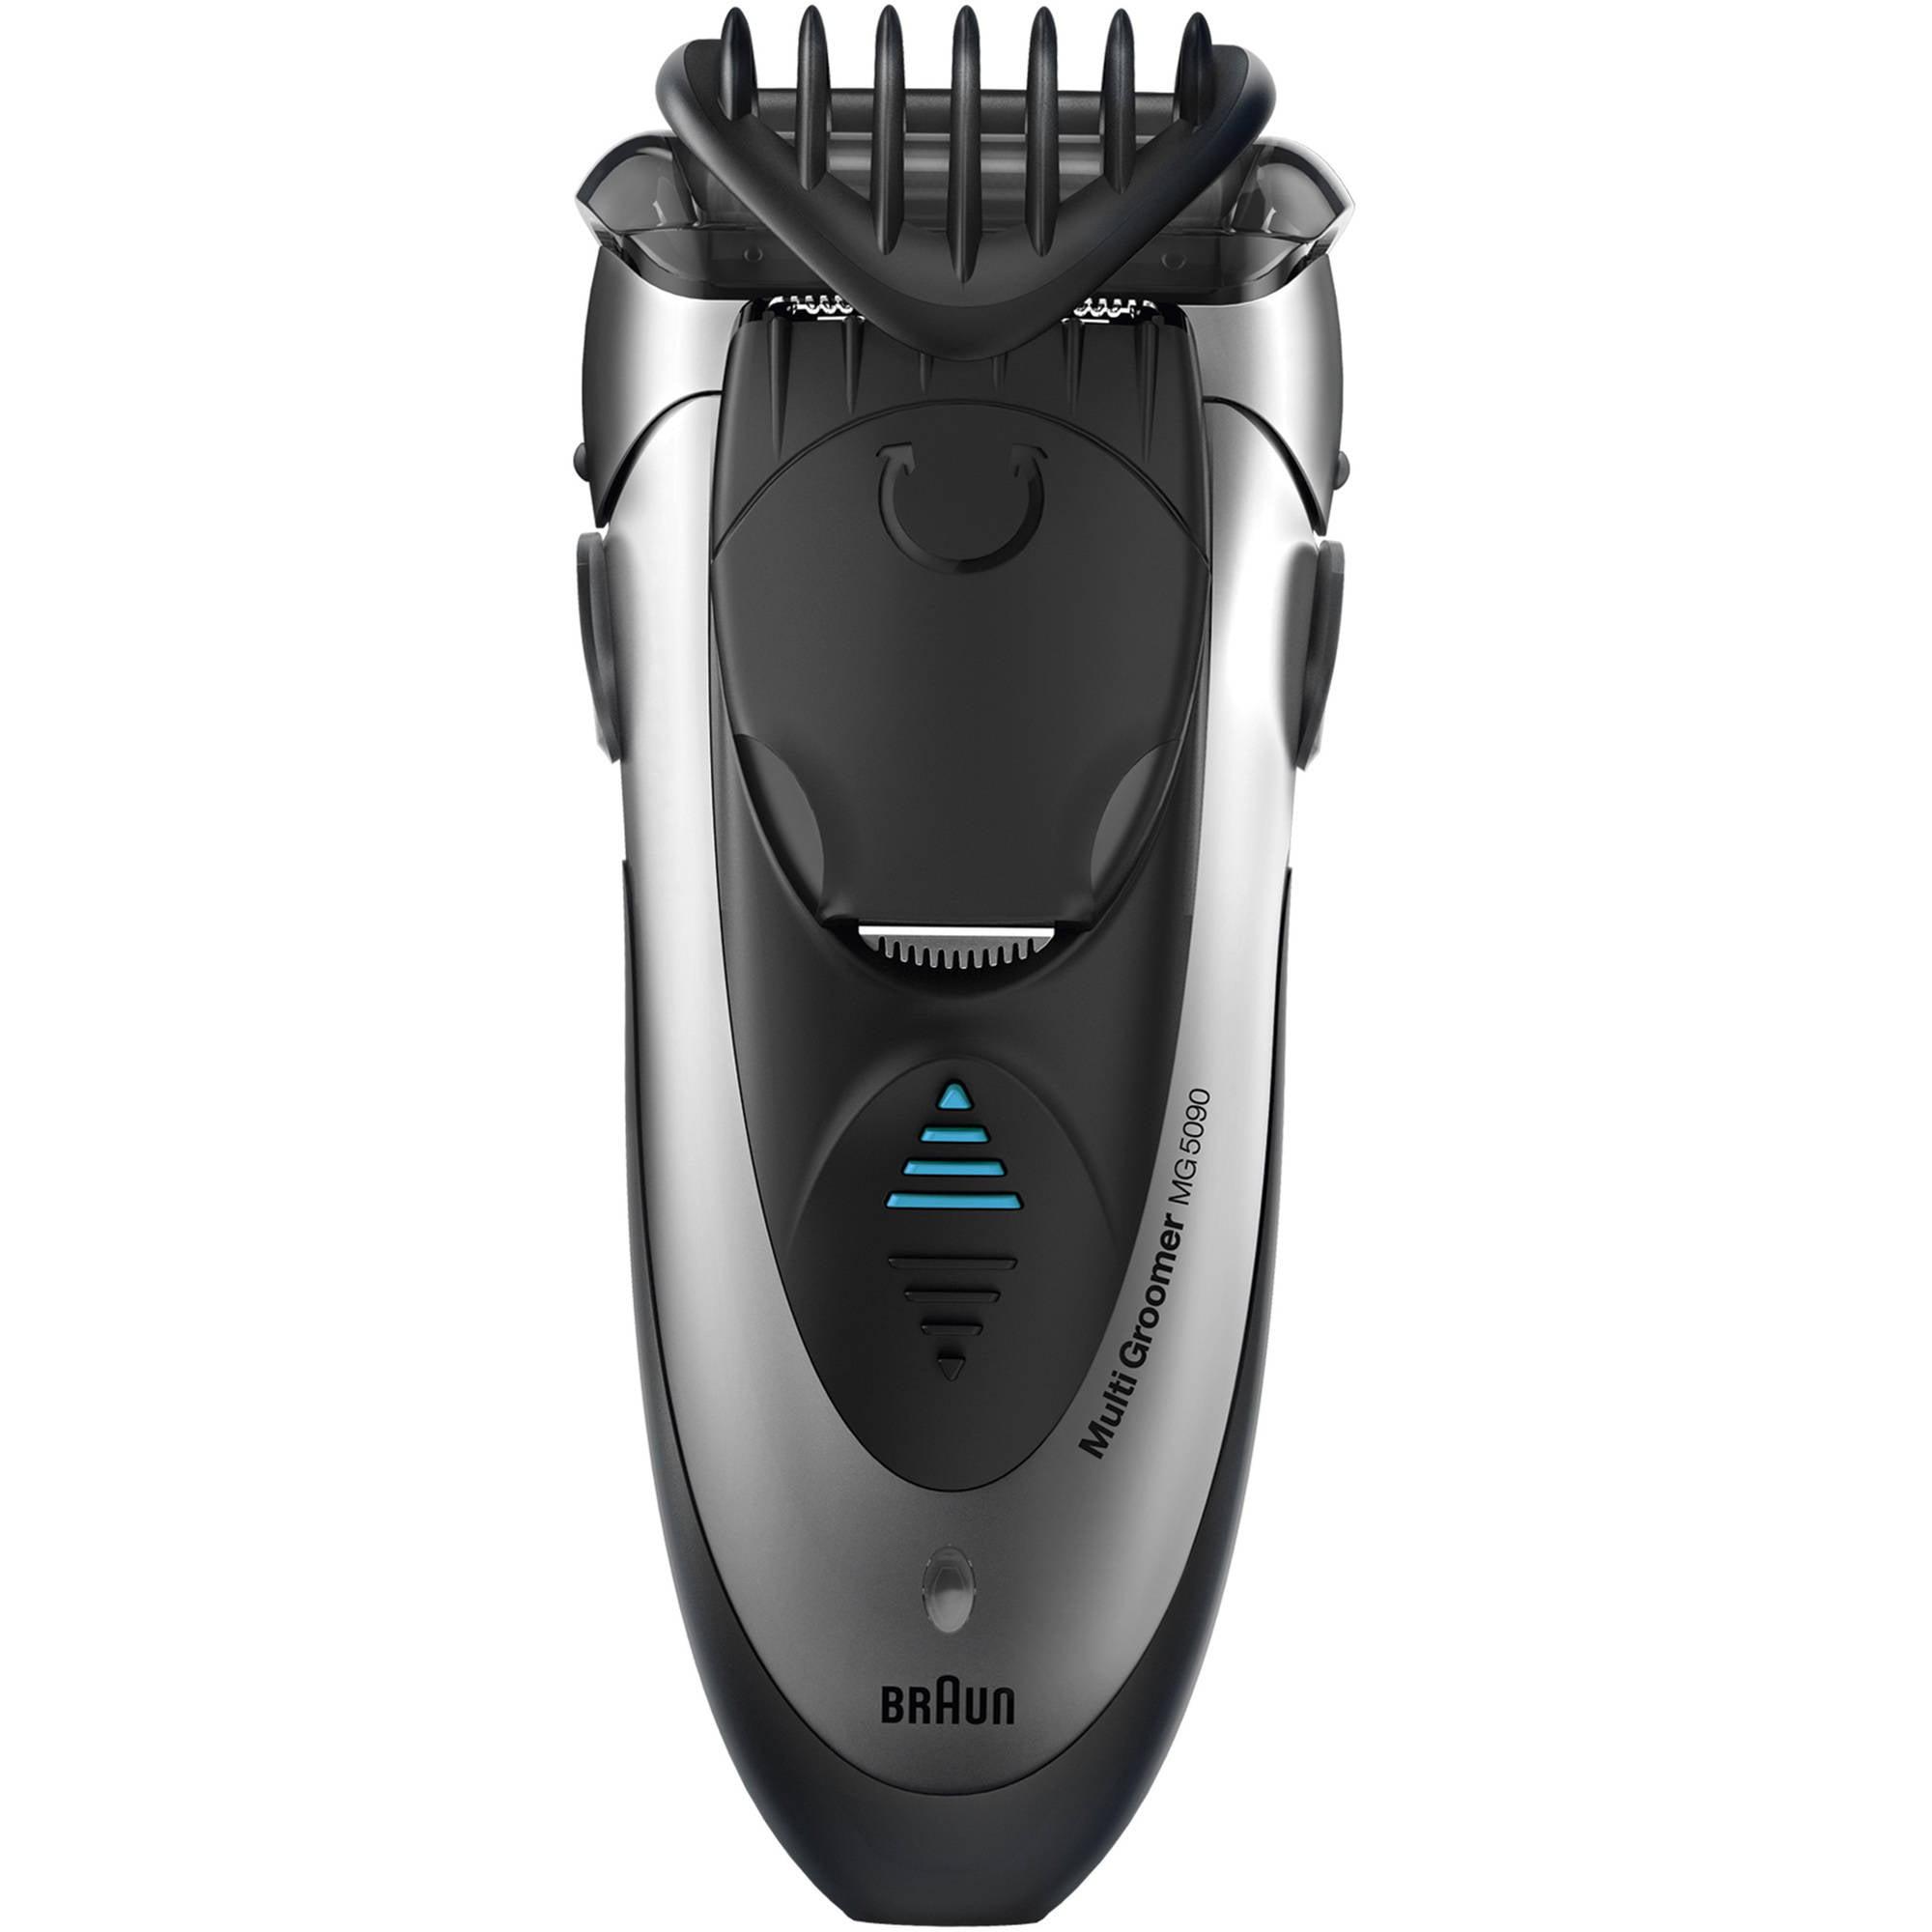 Máquina De Afeitar Braun mojado y seco Multi peluquero, MG5090, 6 pc + Braun en Veo y Compro